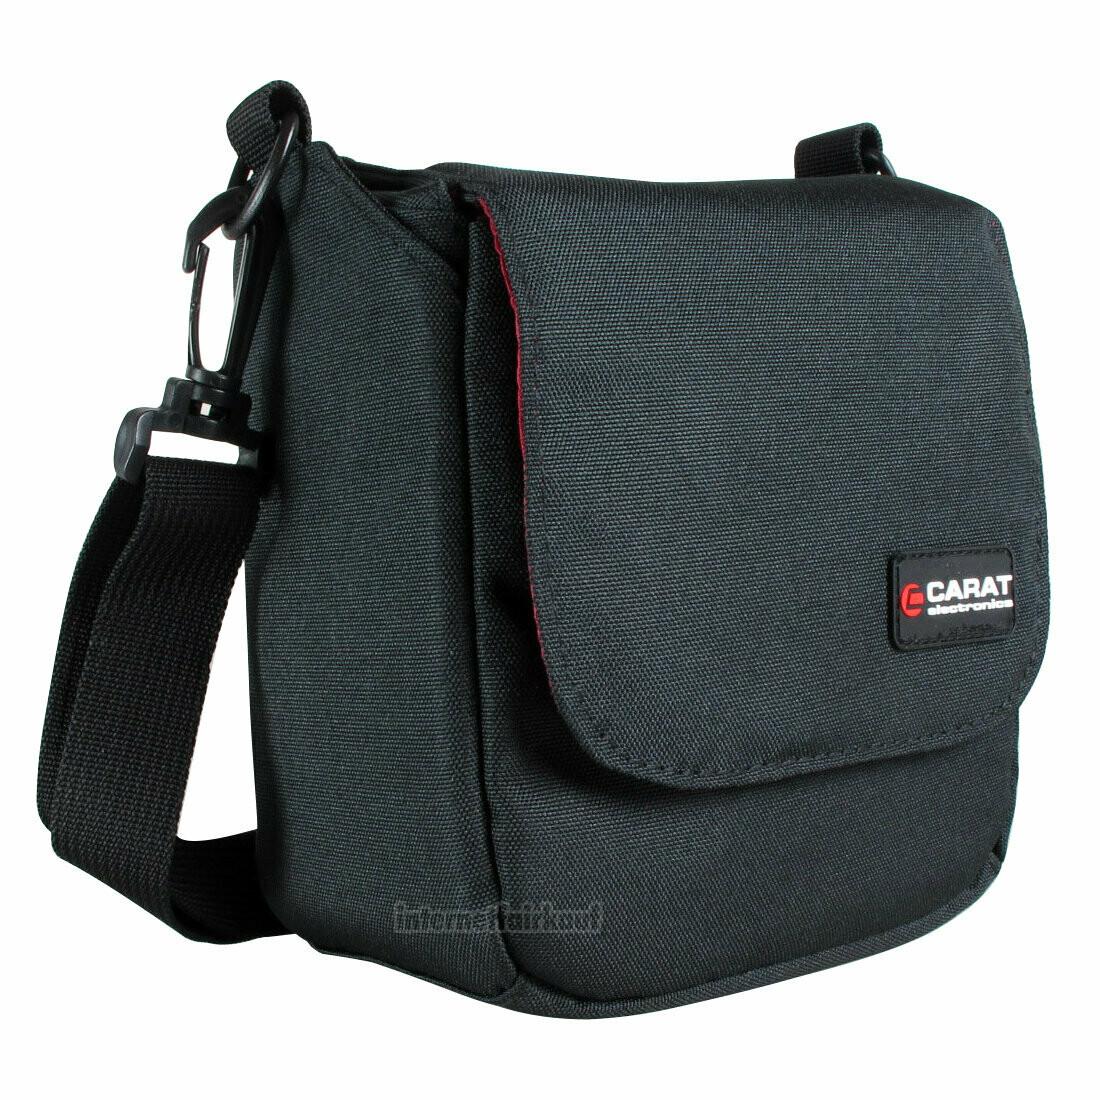 Fototasche passend für Sony Alpha A5000 A5100 A6000 und 16-50mm Objektiv - Schultertasche